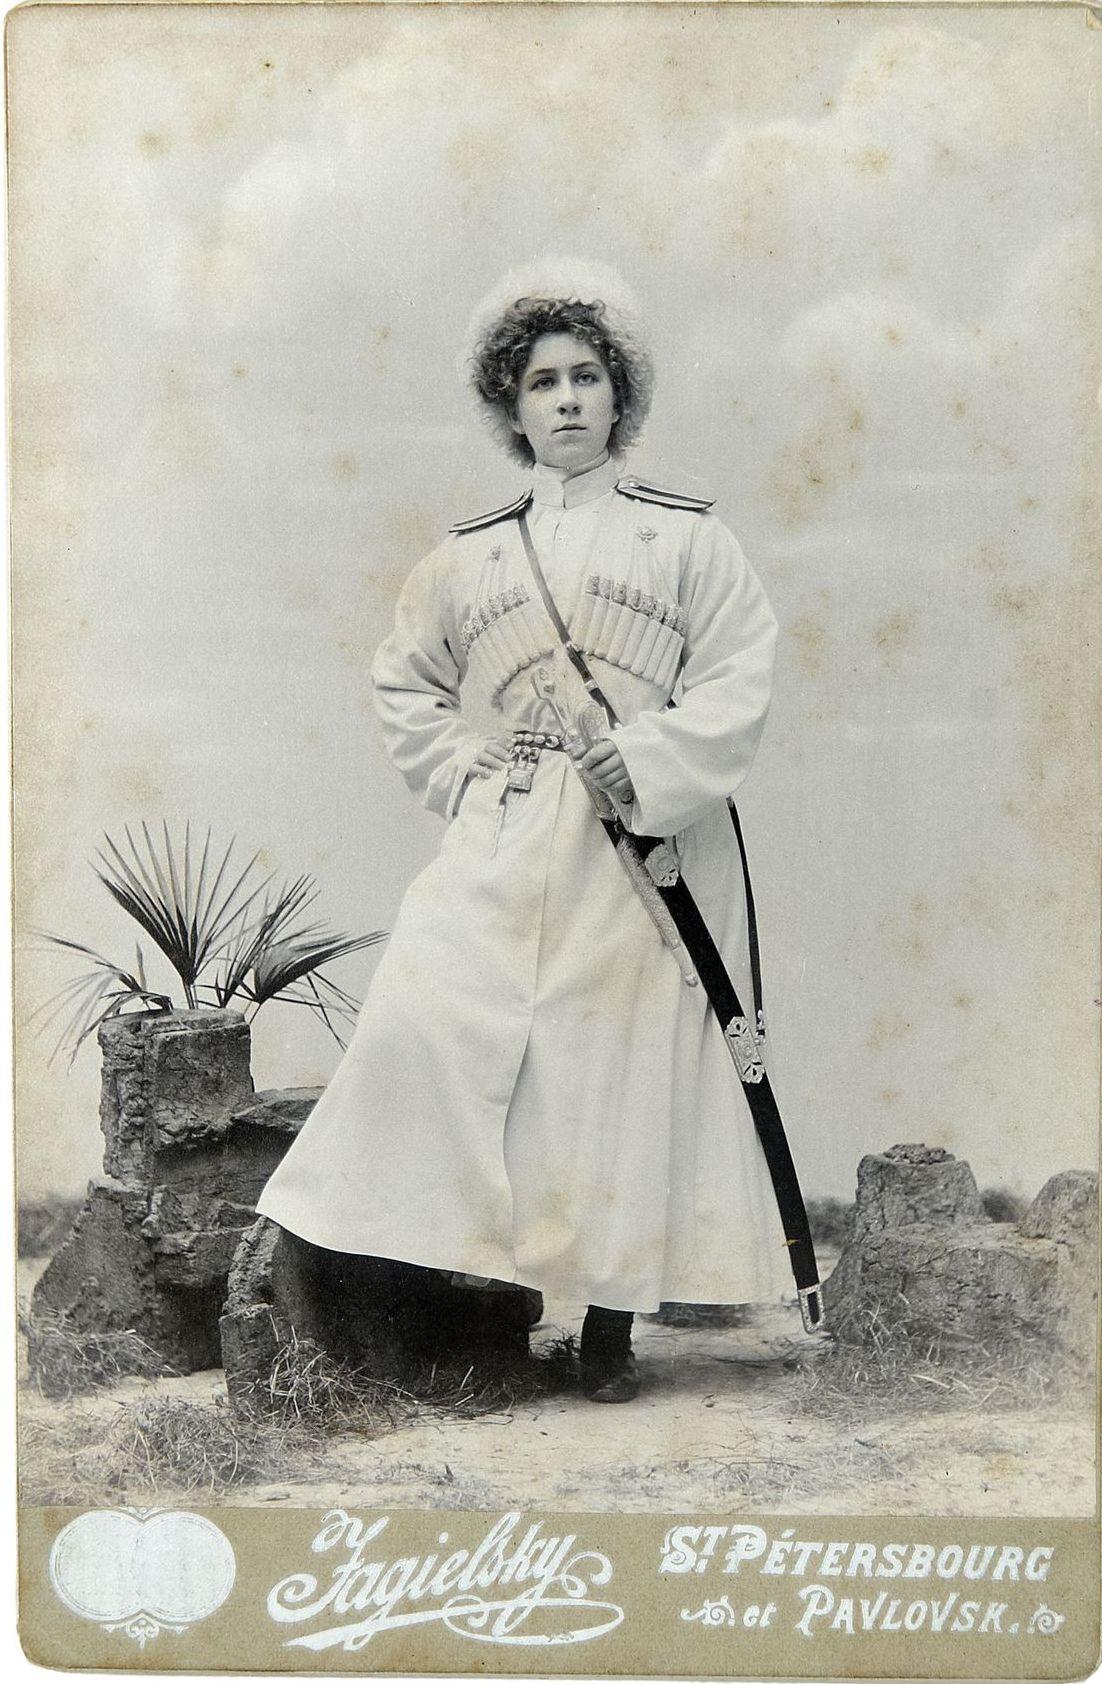 Фото девушки в мундире юнкера Новочеркасского юнкерского училища Кубанского или Терского казачьего войска. 1900-е